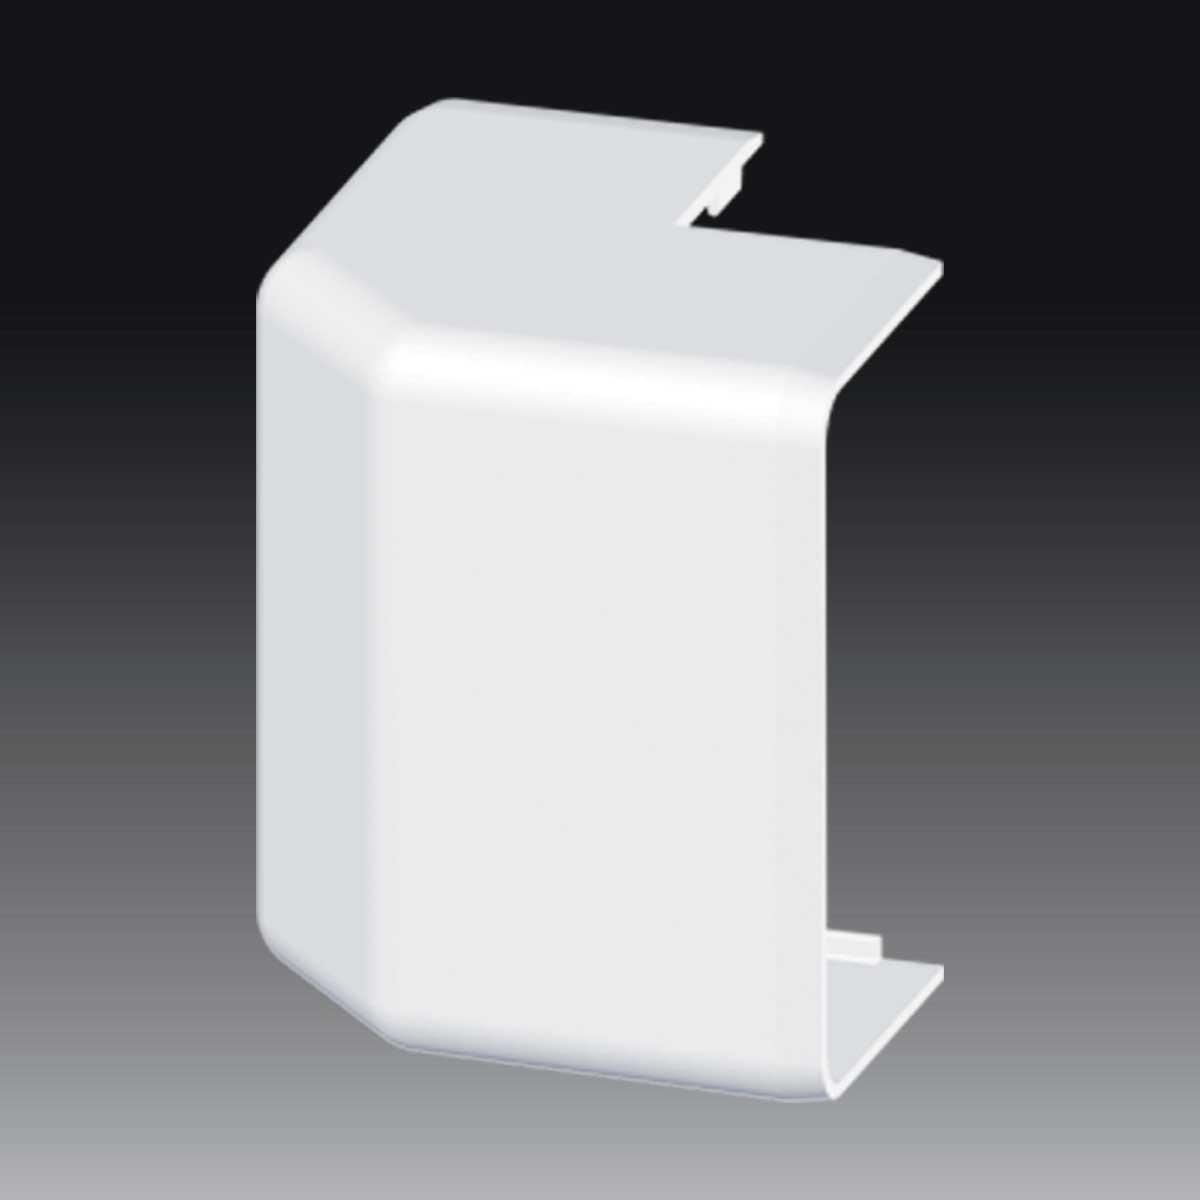 Кут зовнішній (регульований) для EKD 80х40 HF; Безгалогенний; HF